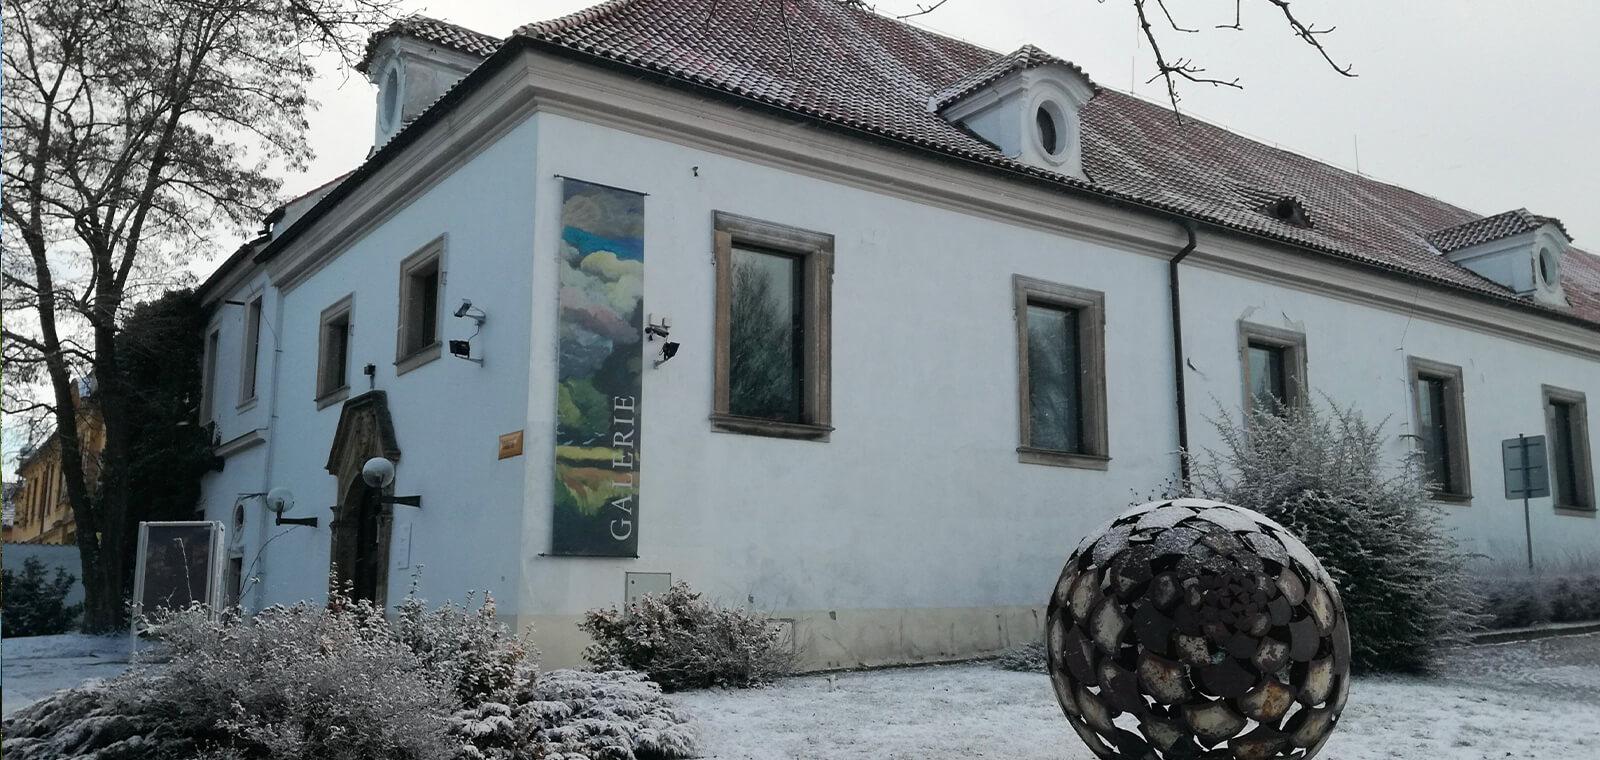 Roudnice-nad-Labem-zamecka-jizdarna-teaser-01.jpg